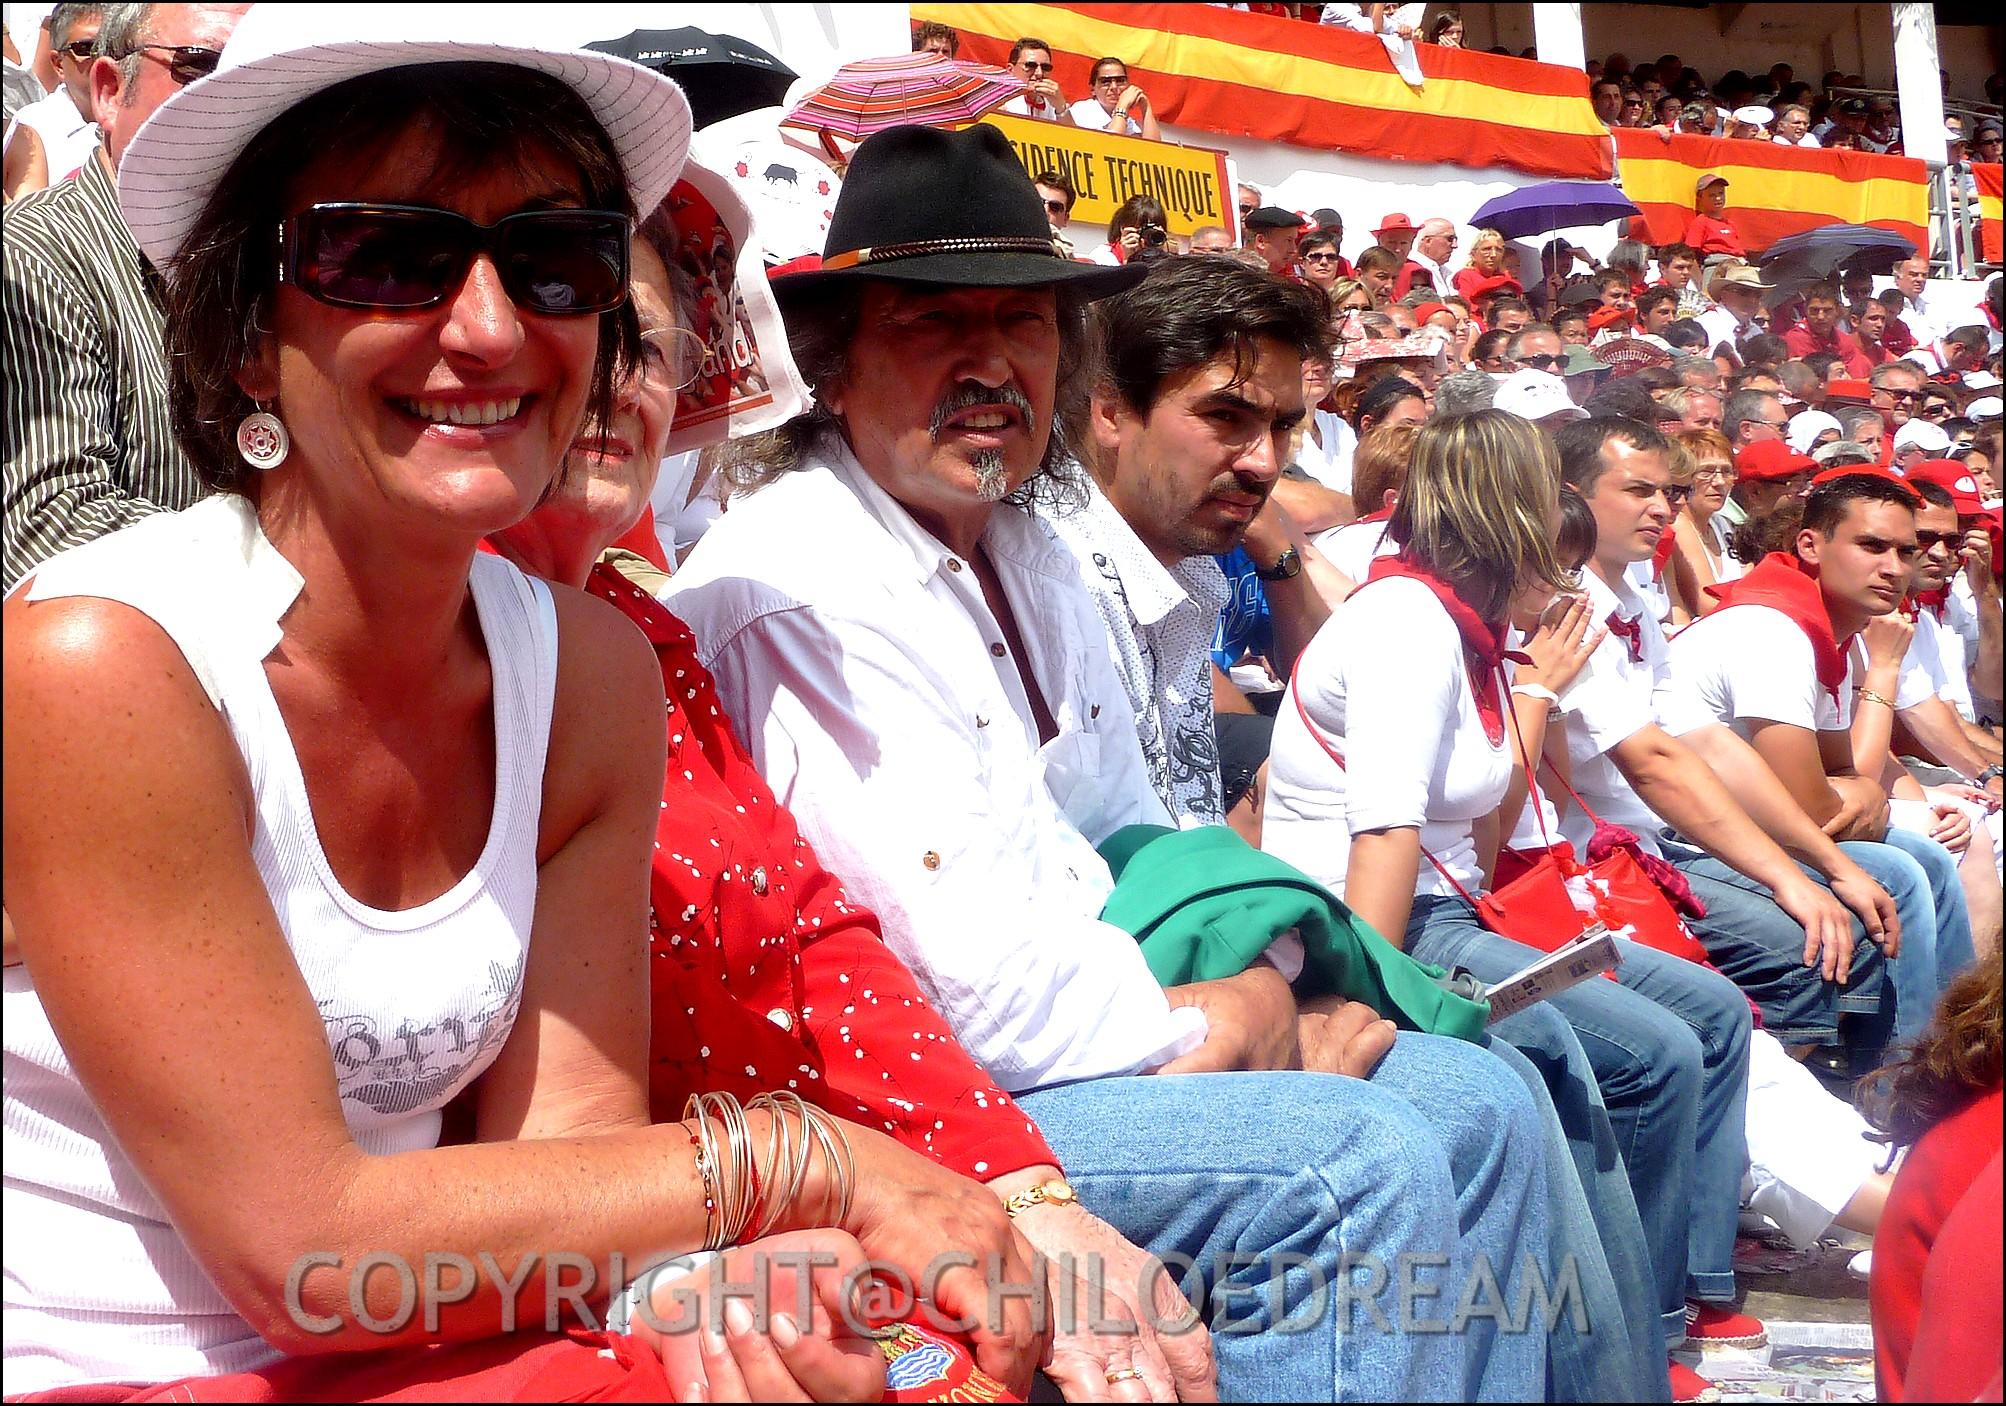 Voyage Pays Basque - Dax ; Corrida à cheval en rouge et blanc 9